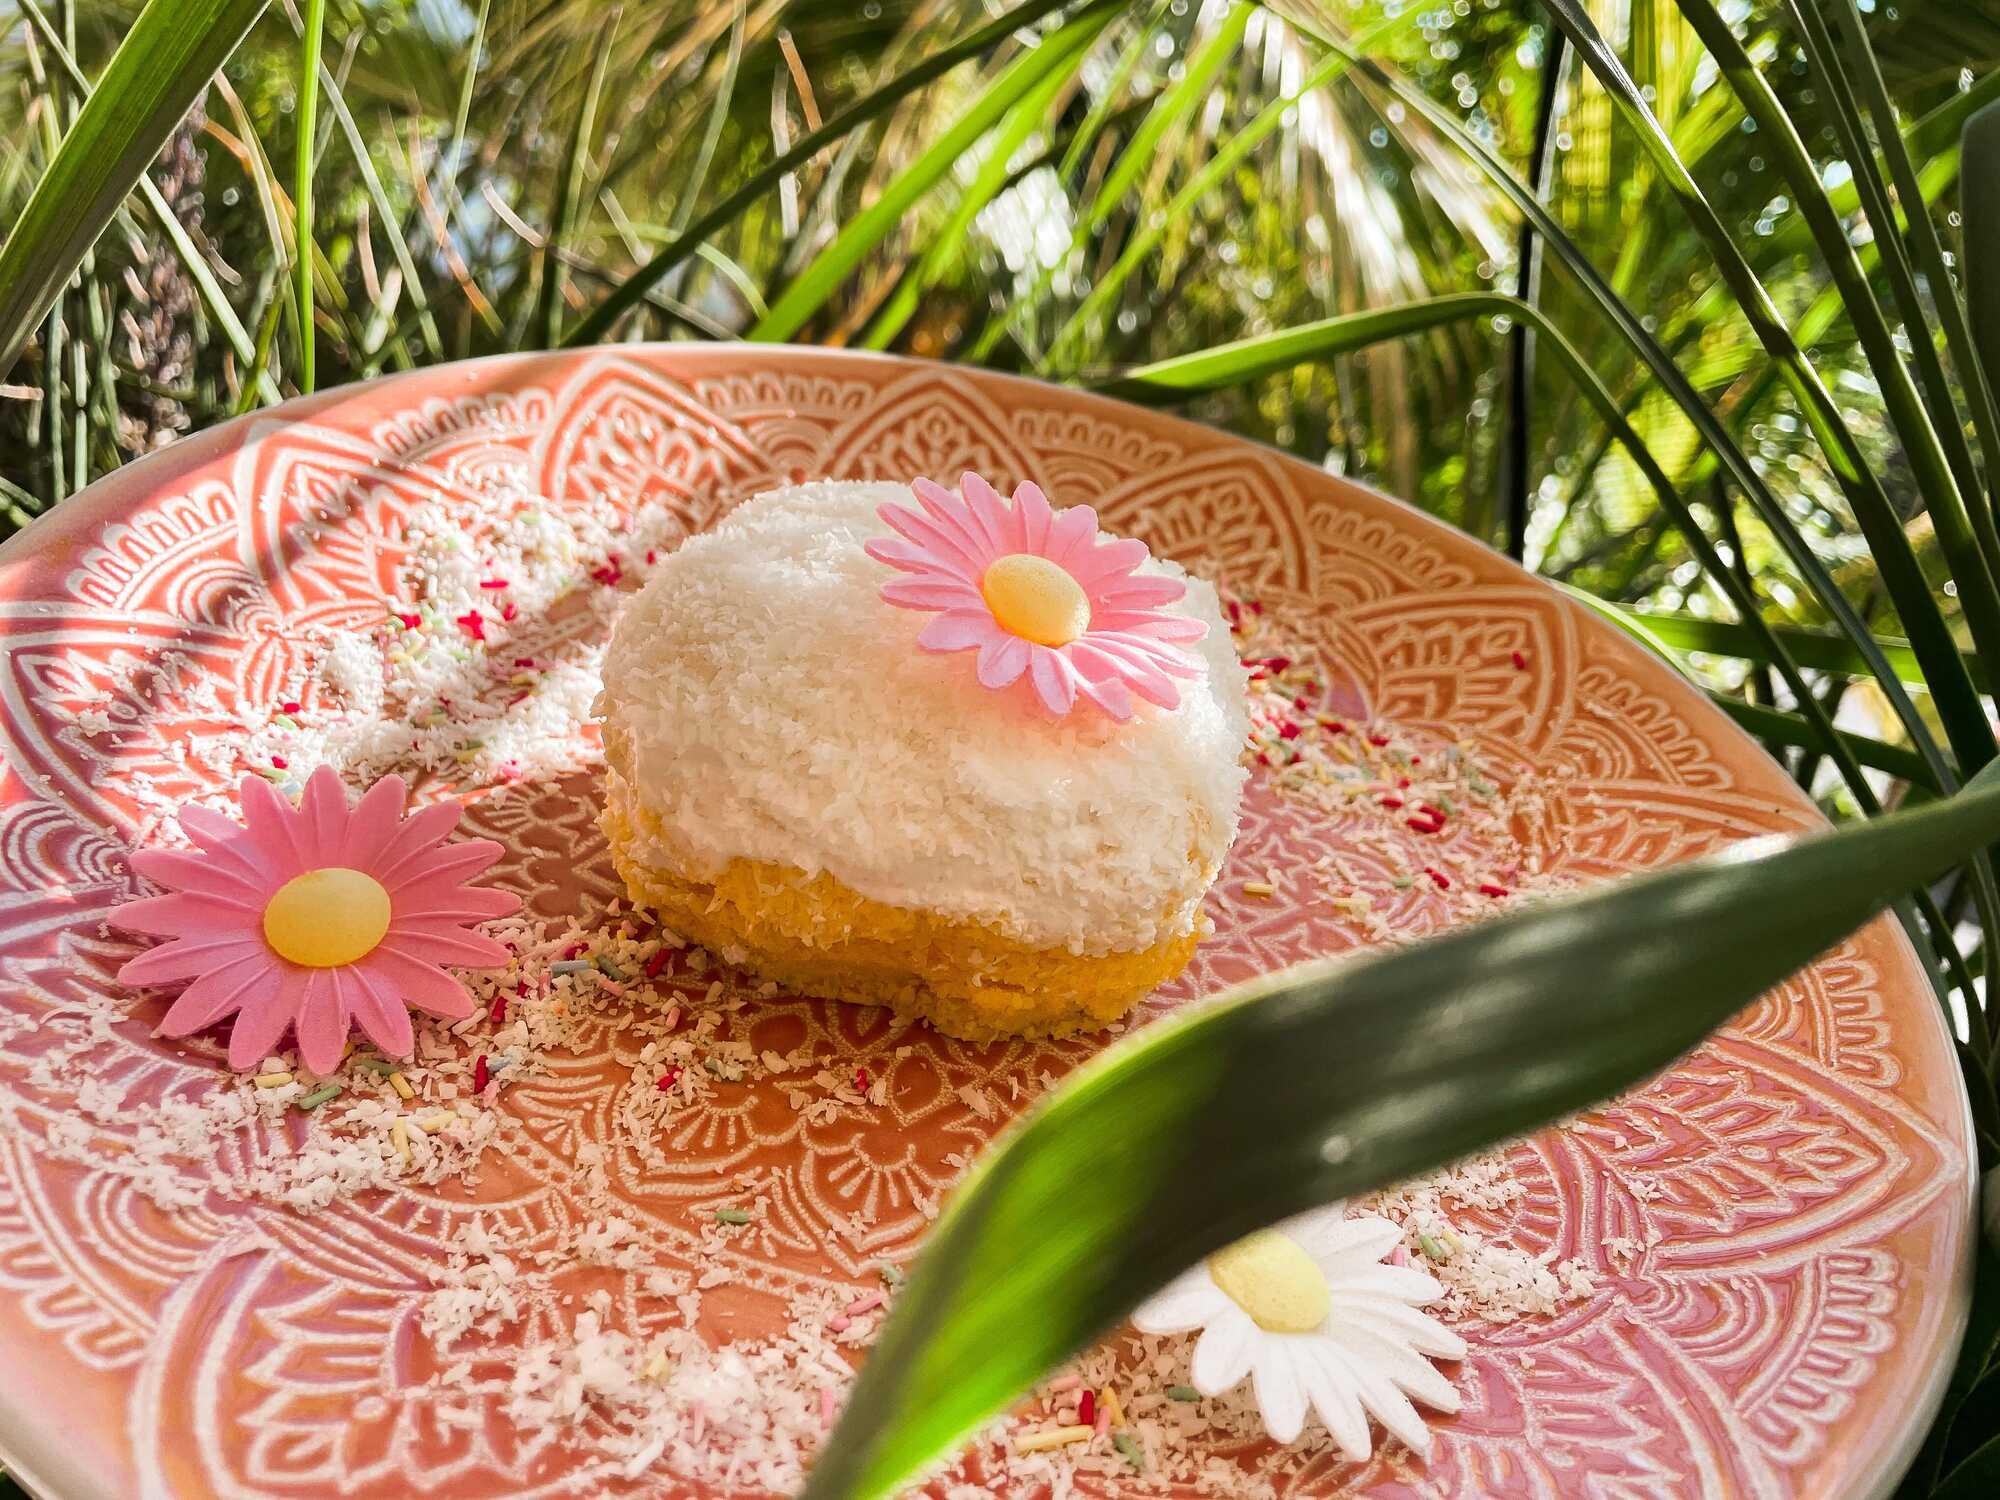 Le bowl cake est présenté dans une assiette rose, il est décoré d'un glaçage au chocolat blanc/noix de coco râpé avec des fleurs cosmetibles roses.